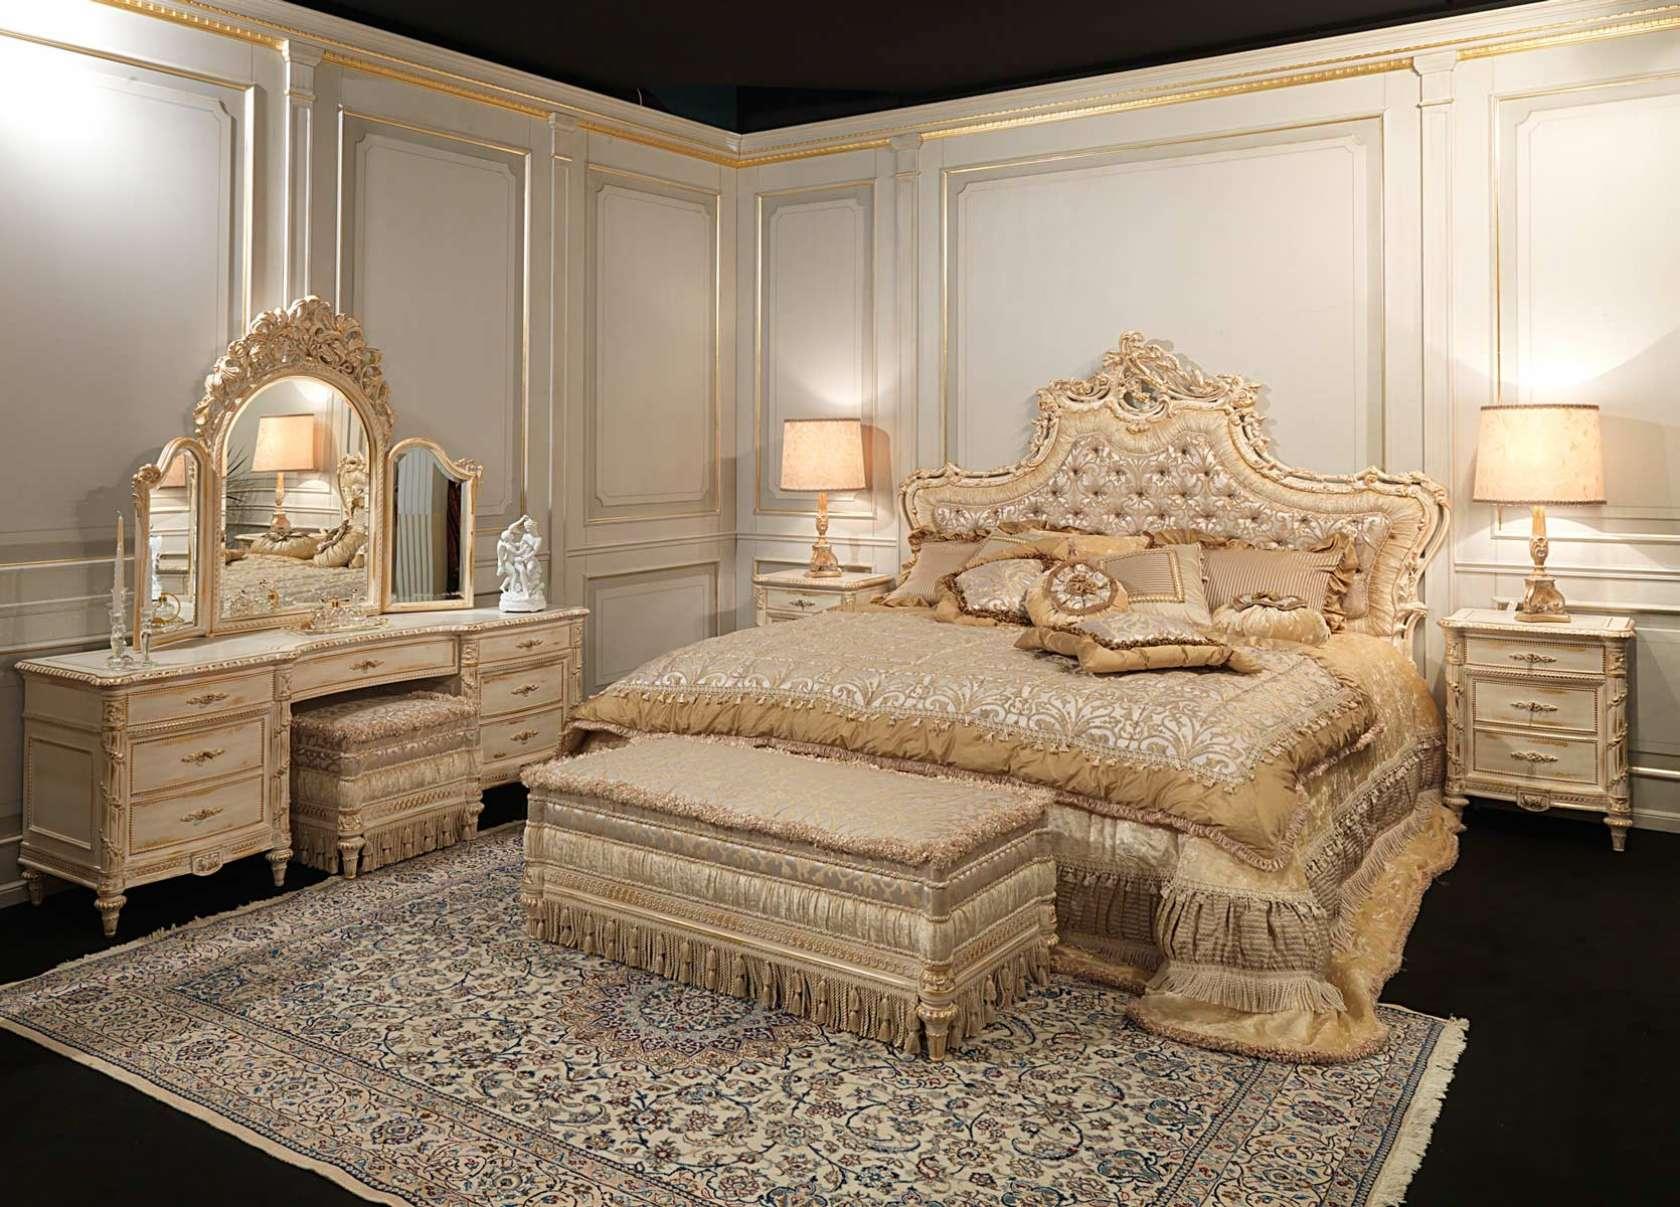 Chambre 224 Coucher Classique Dans Le Style De Louis Xvi